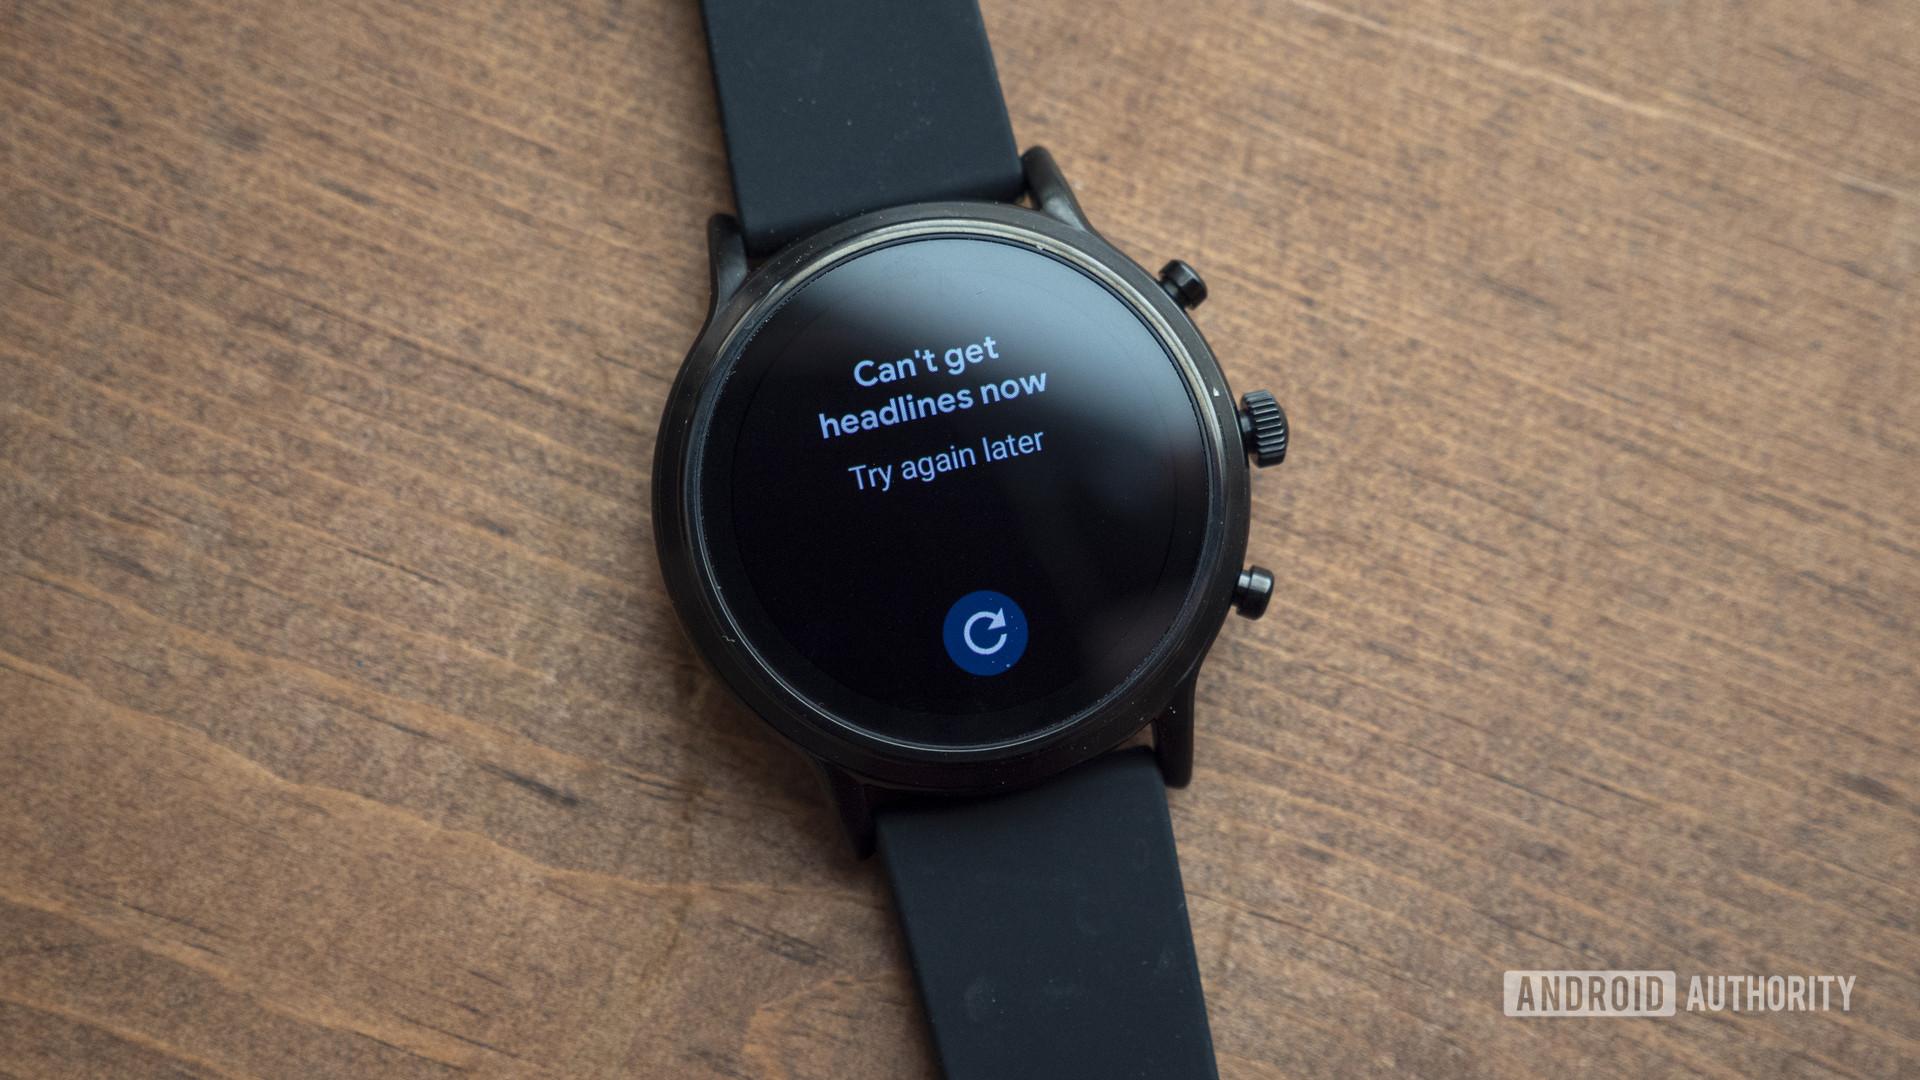 gen hóa thạch 5 đánh giá smartwatch không thể lấy tiêu đề google tin tức